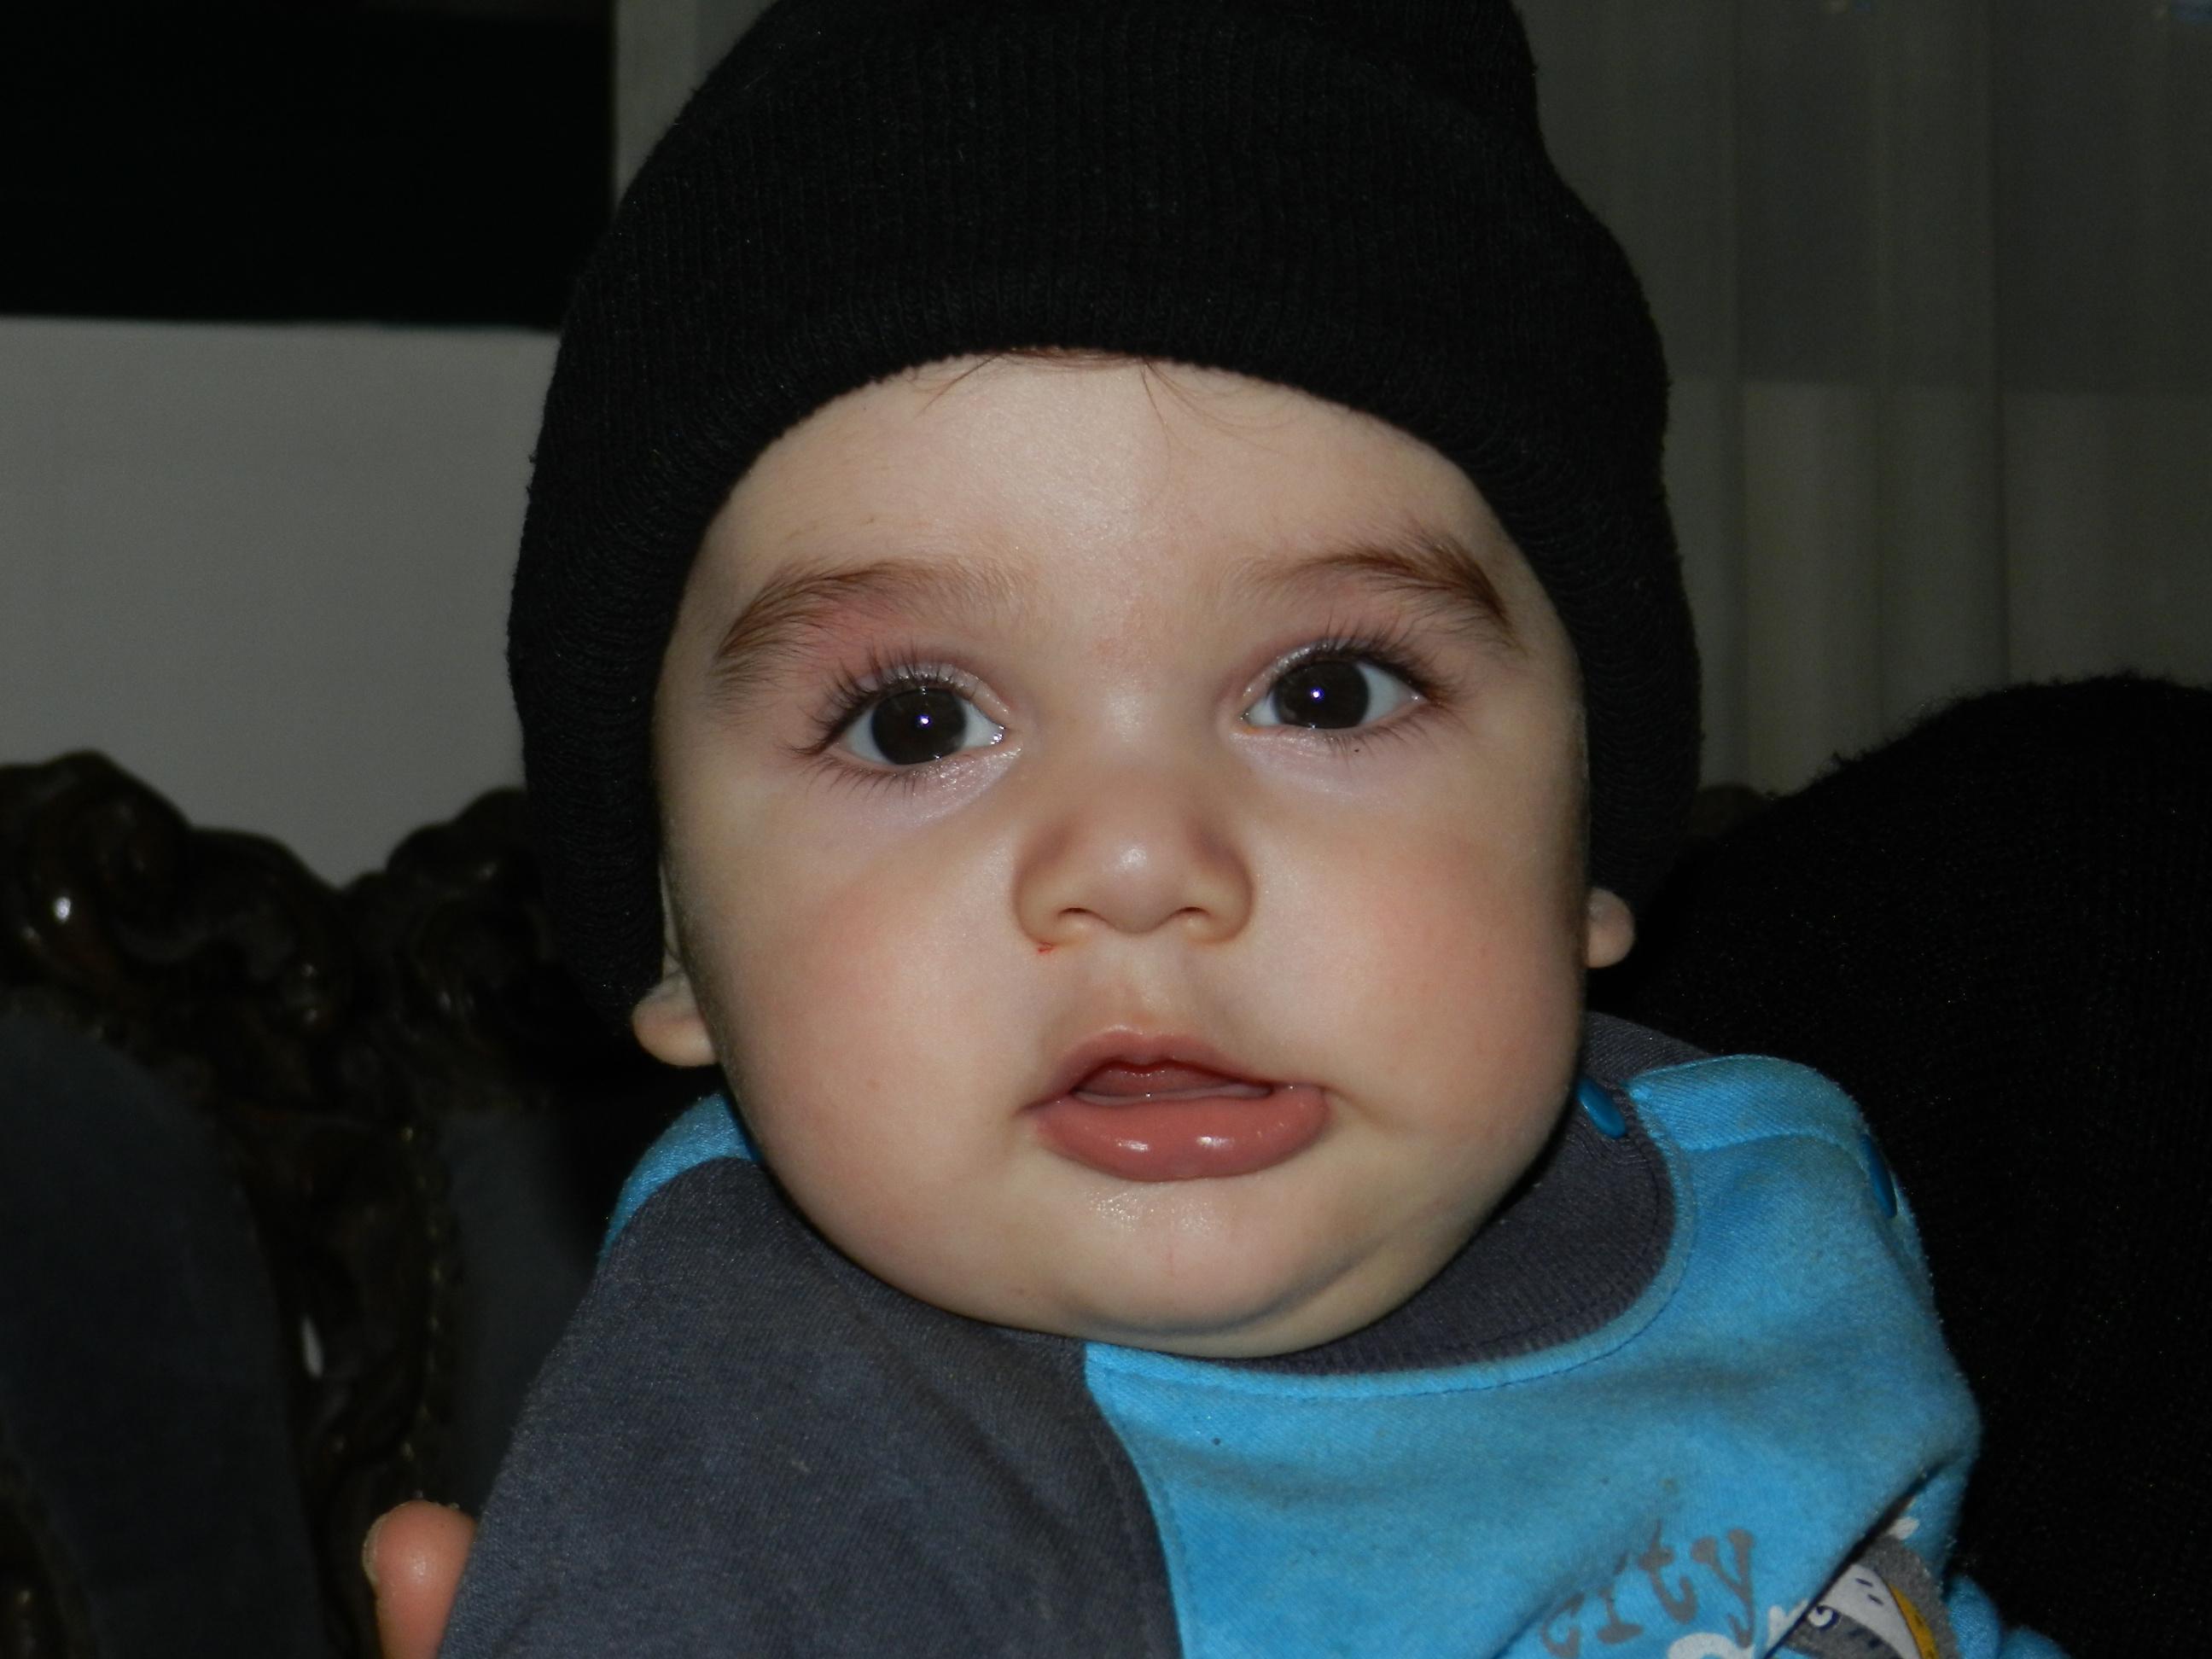 بالصور طفل صغير , اجمل طفل في العالم 486 8